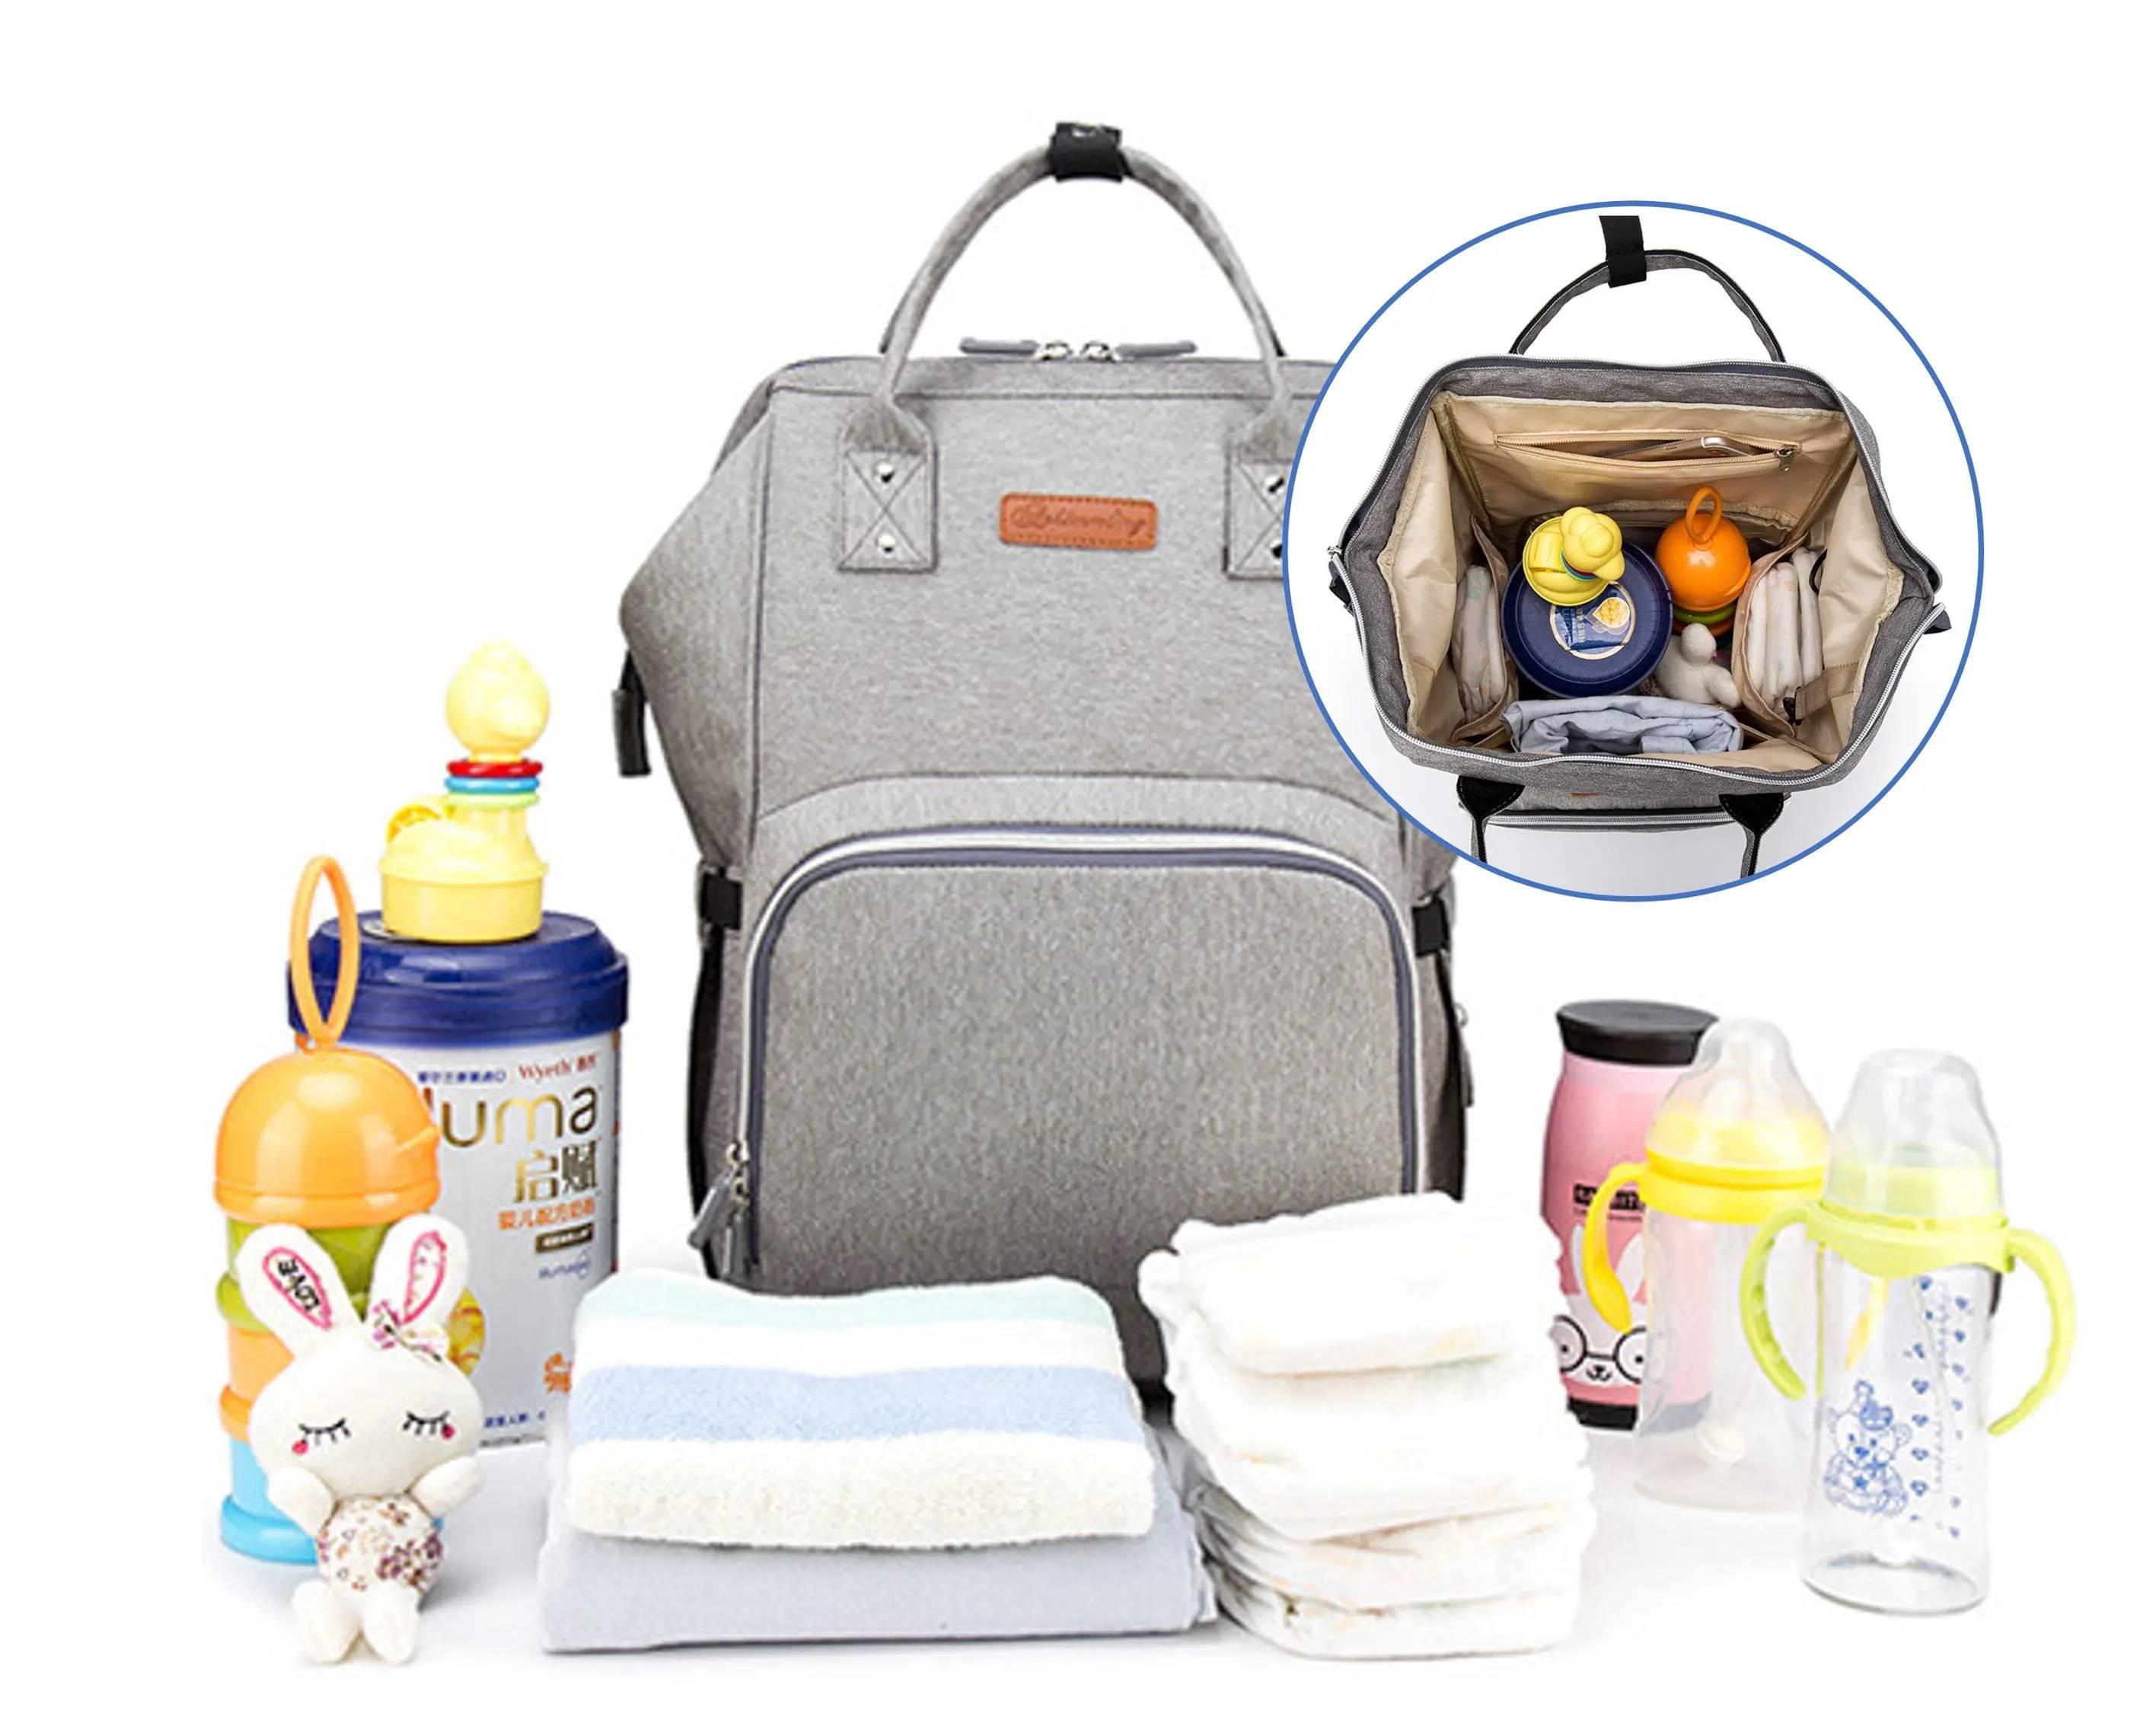 Diaper bag, Diaper bag backpack, best diaper bags, baby bag, diaper backpacks, diaper bags for girls, diaper bags for boys